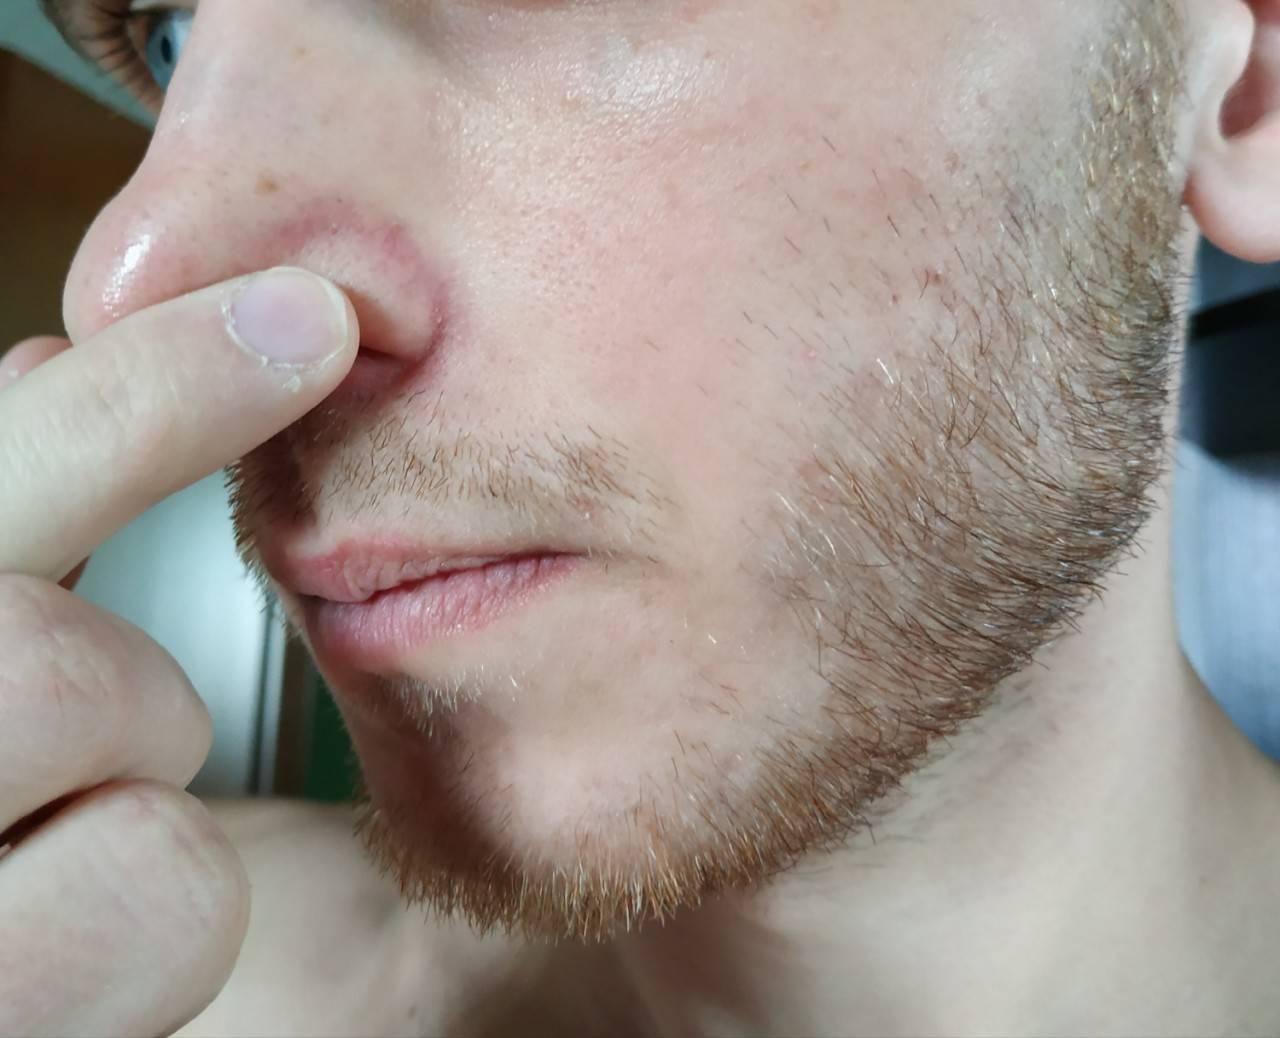 гнойный прыщ в носу